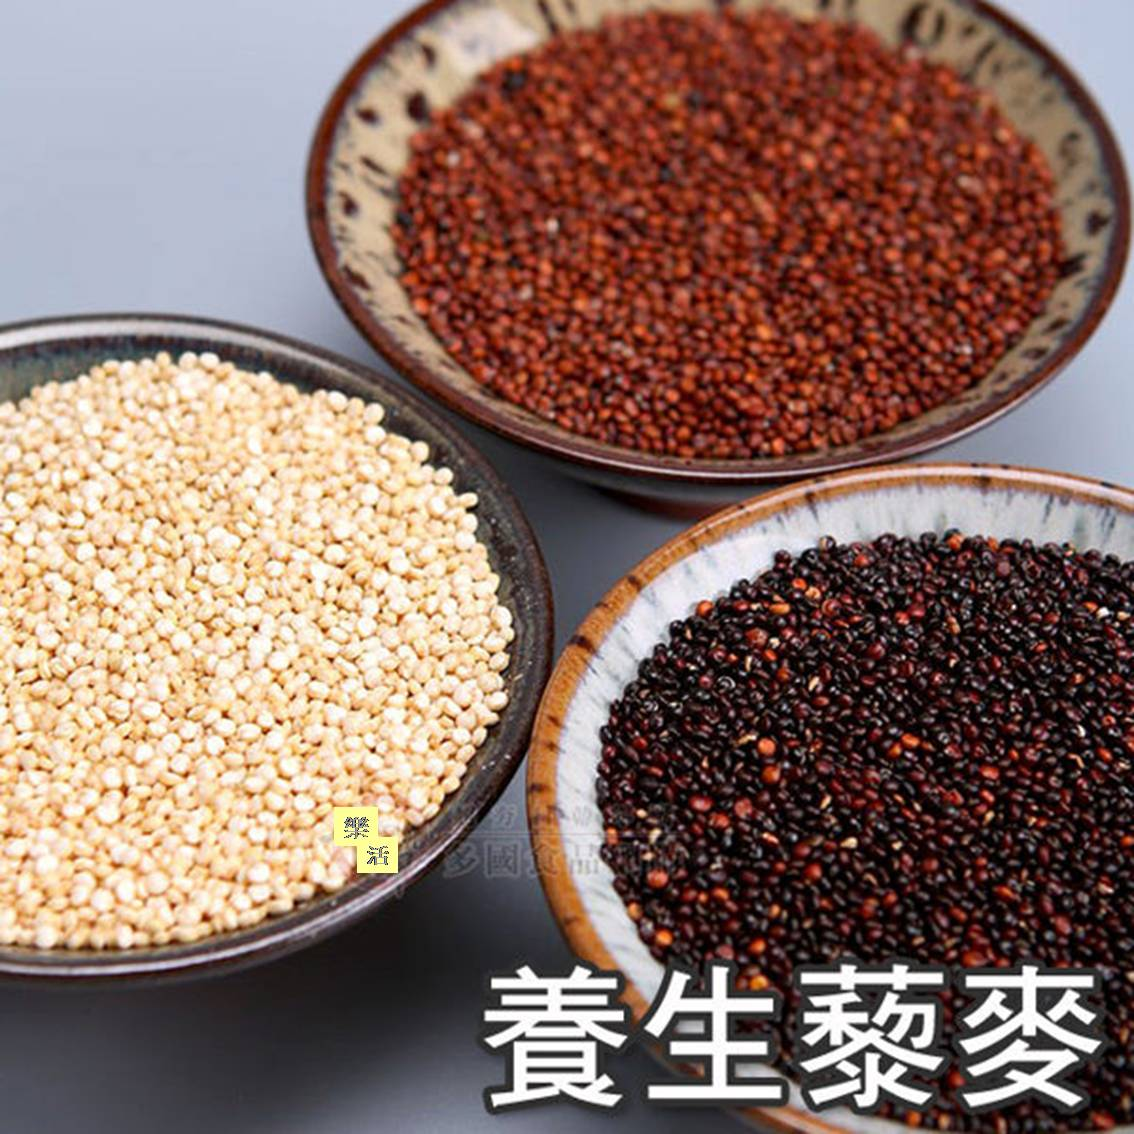 養生藜麥 經濟包500g 三色藜麥/紅藜麥/黑藜麥/白藜麥    樂活生活館